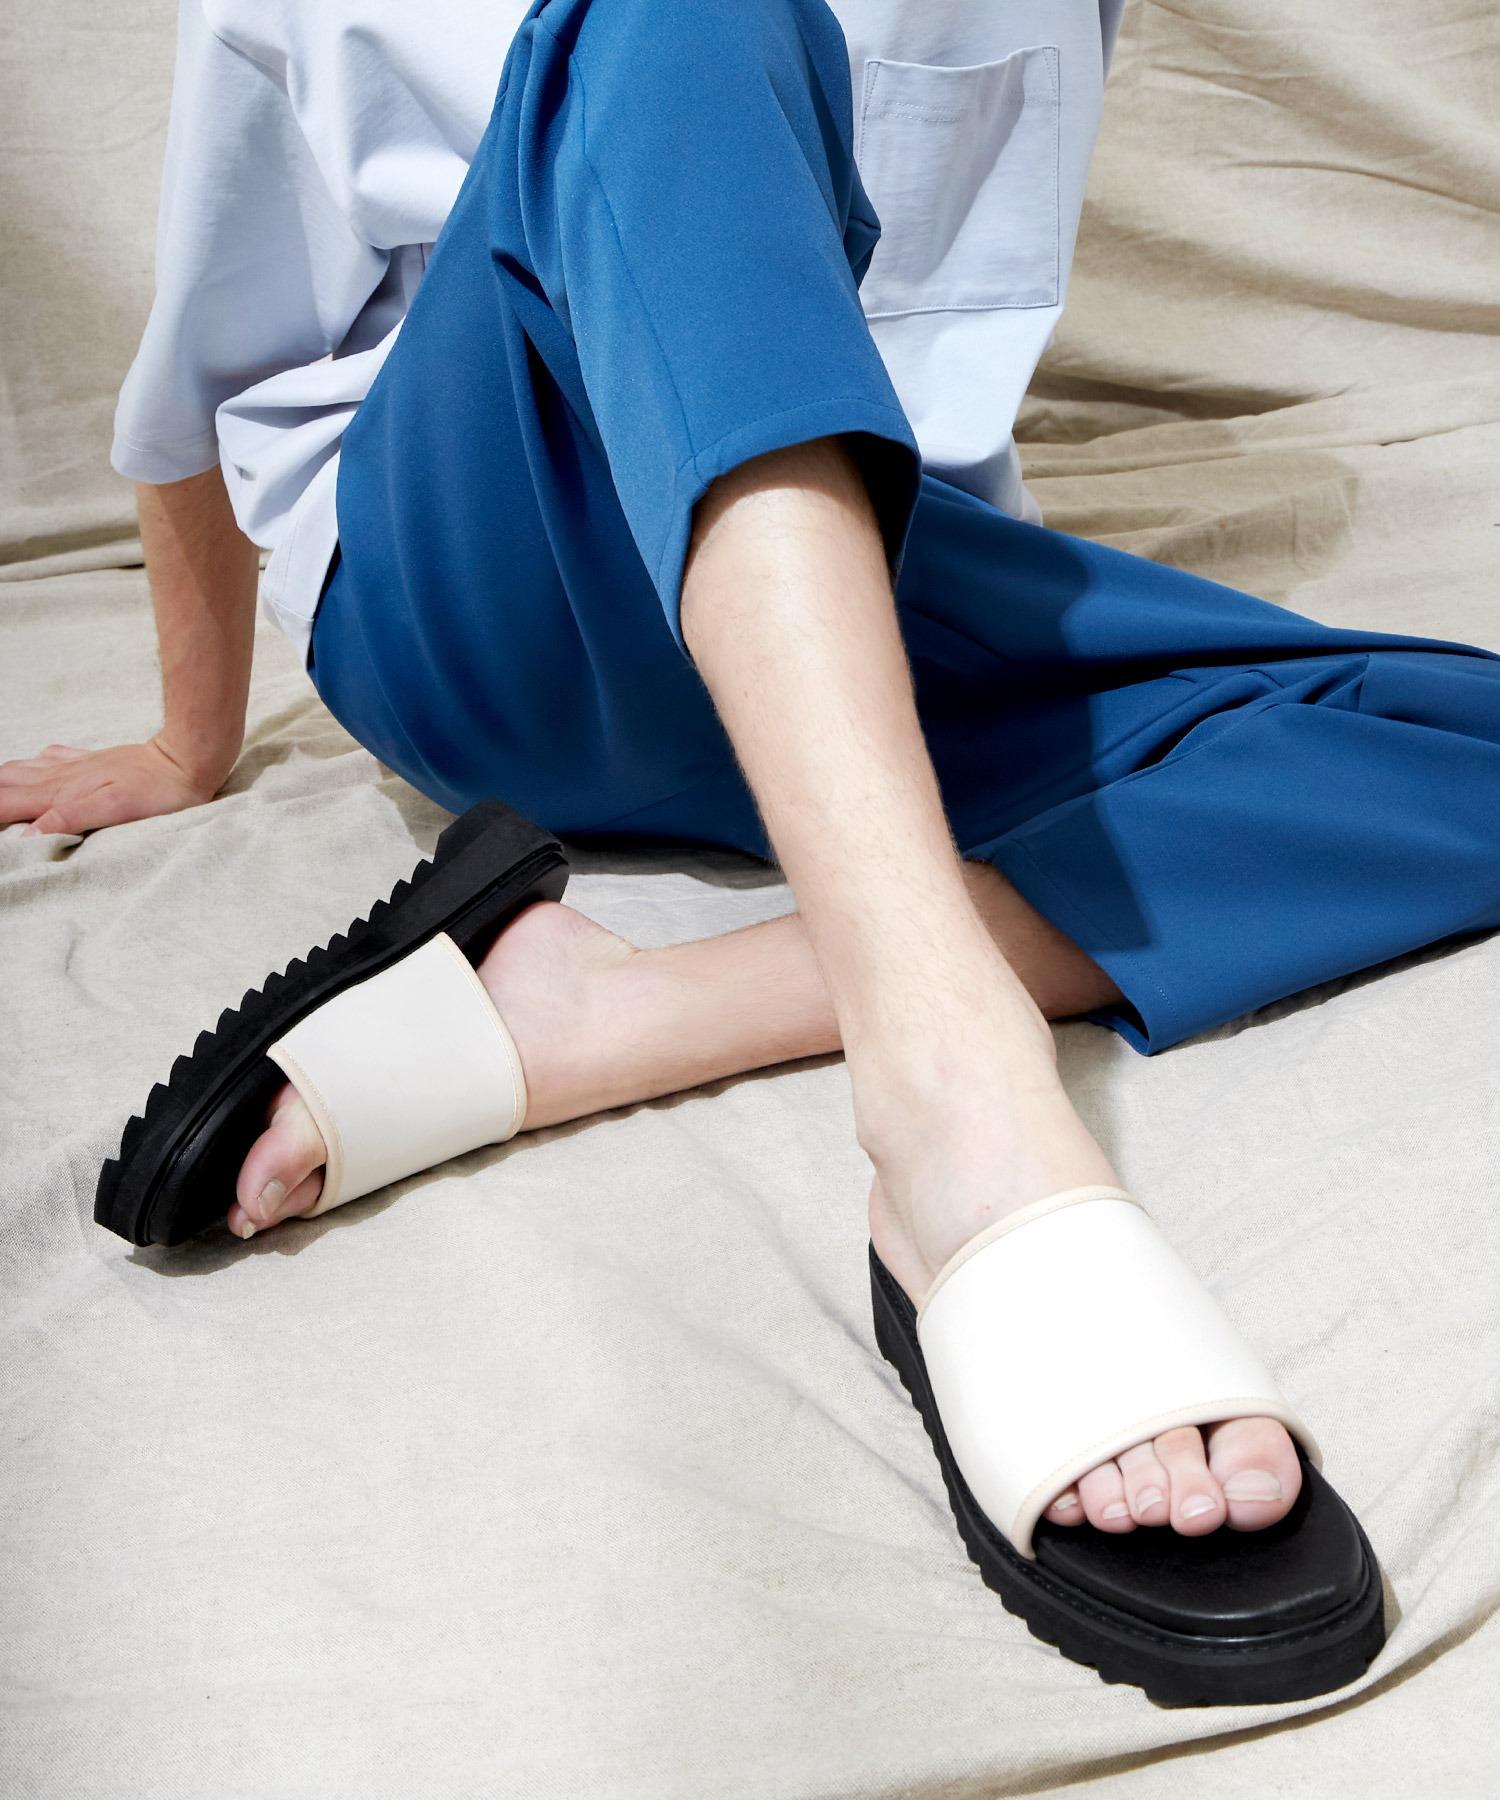 シャークソールサンダル/ベルクロ/ワンストラップ/ダブルモンク EMMA CLOTHES 2021SUMMER